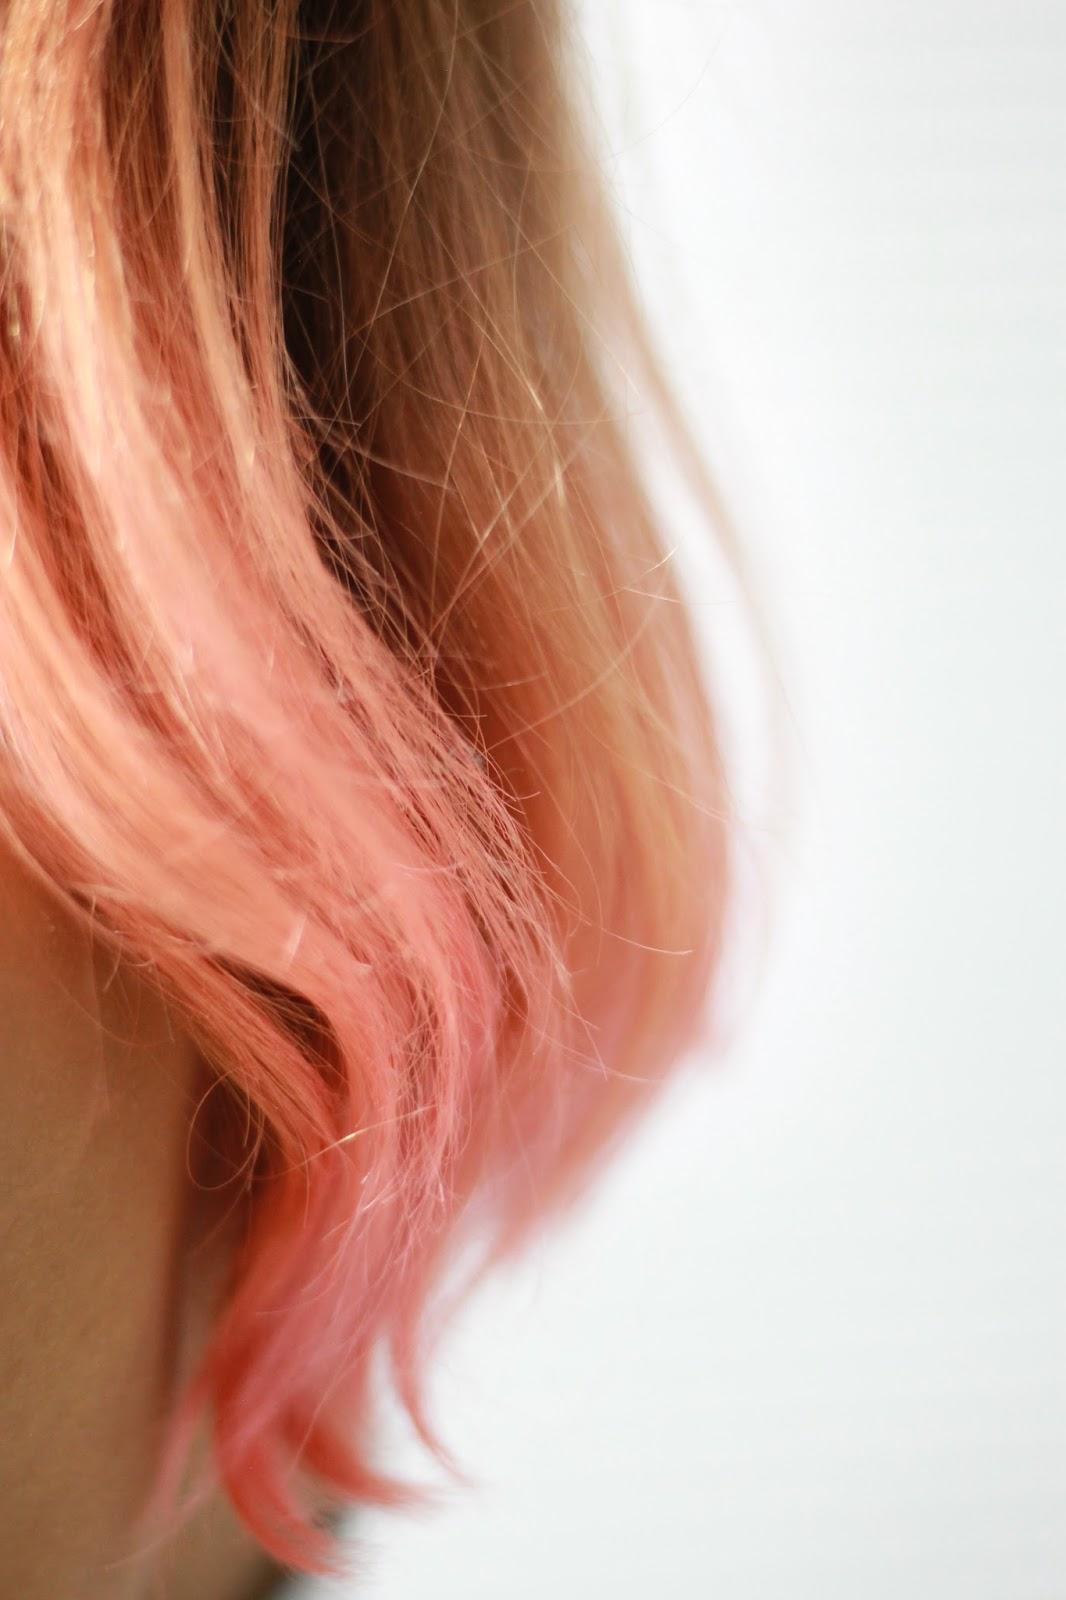 Morena de novo com ombre hair rosa pastel